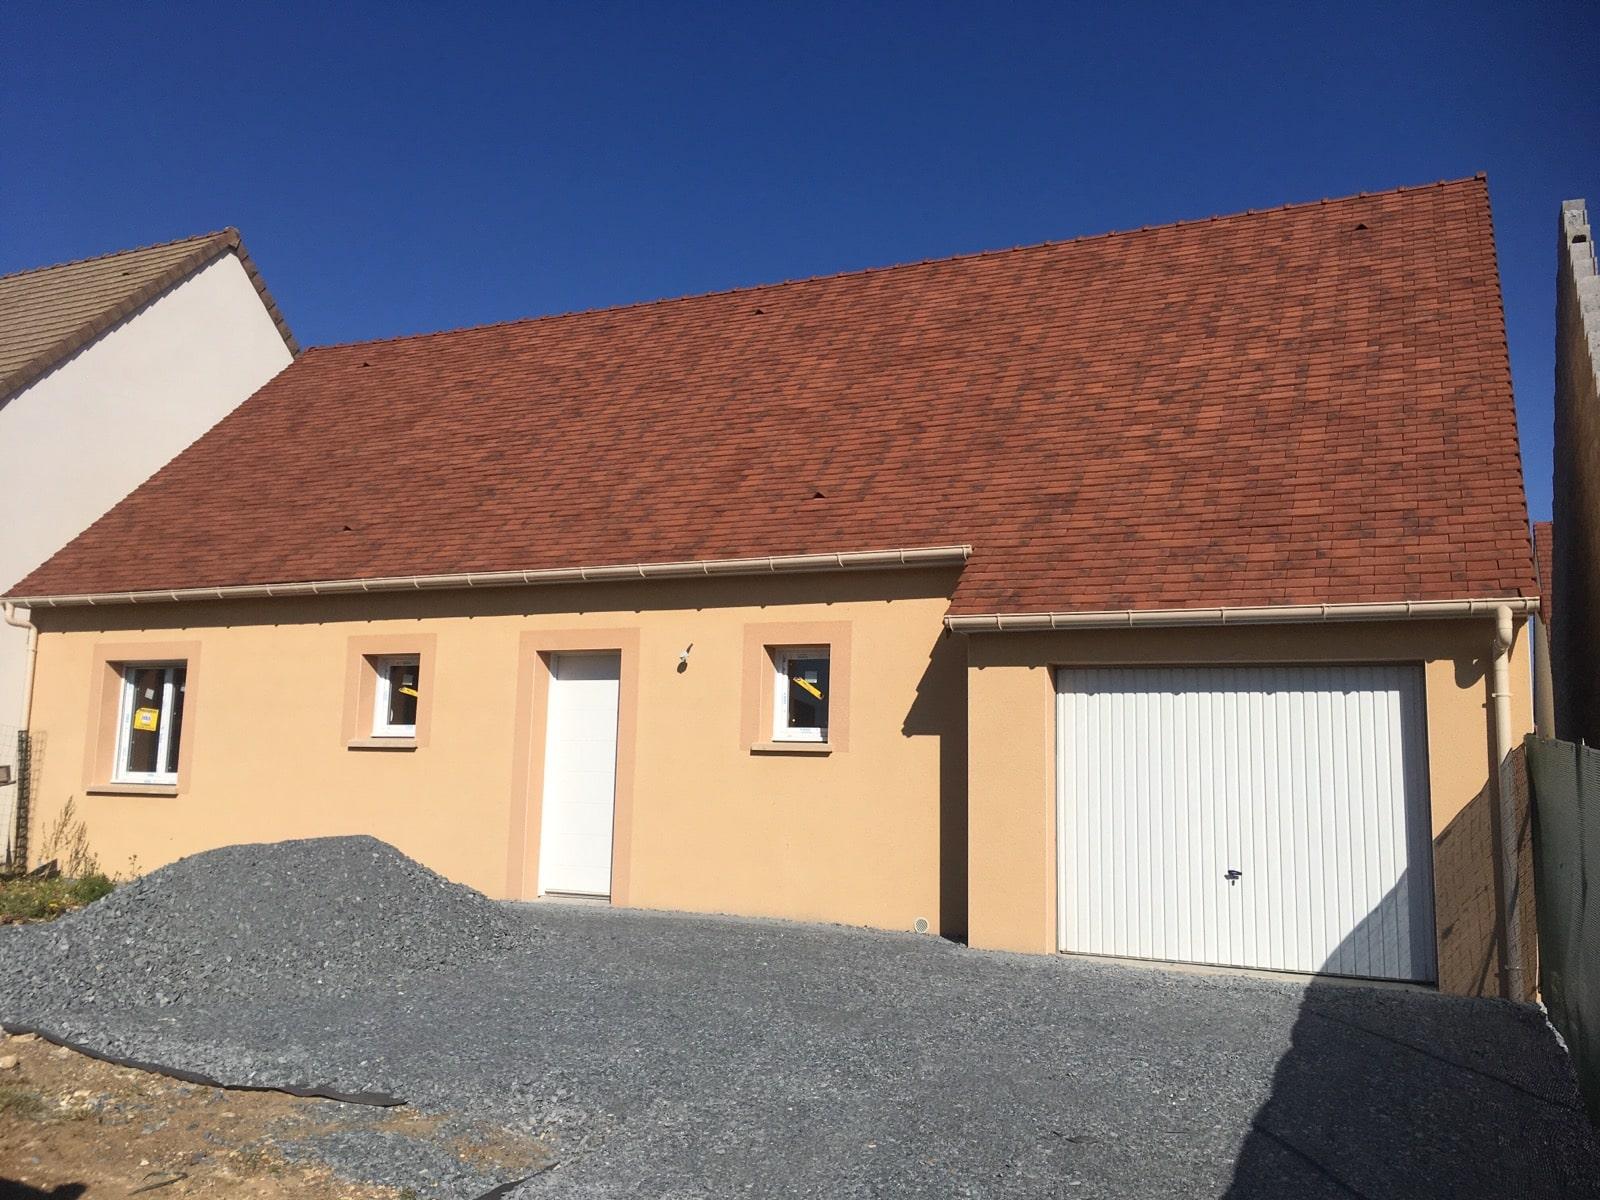 Construction maisons individuelles Caen-COZI de 99m² toiture tuiles